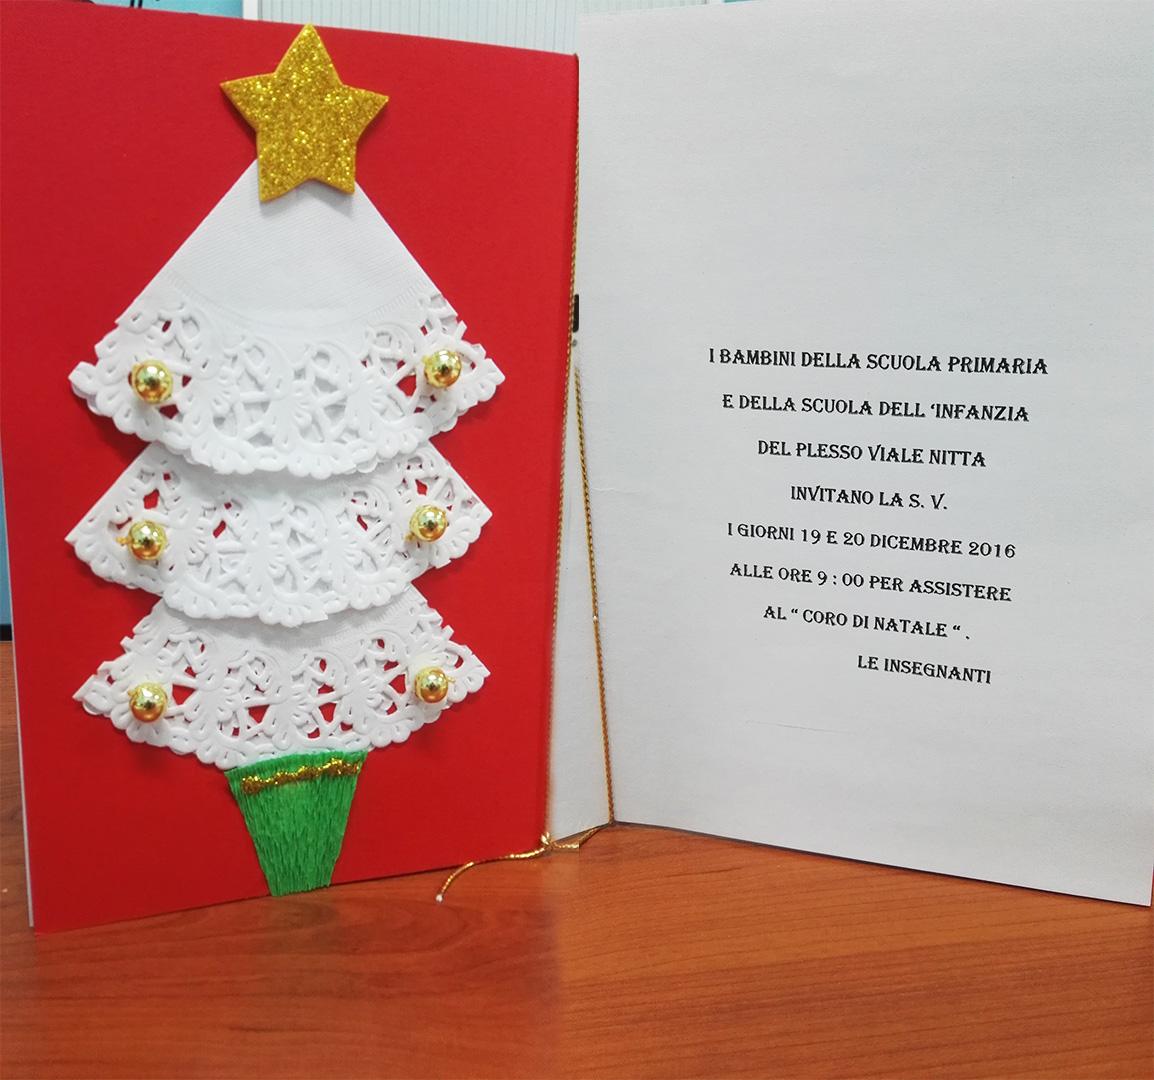 Invito di Natale 2016 Scuola dell'Infanzi e della Scuola Primaria